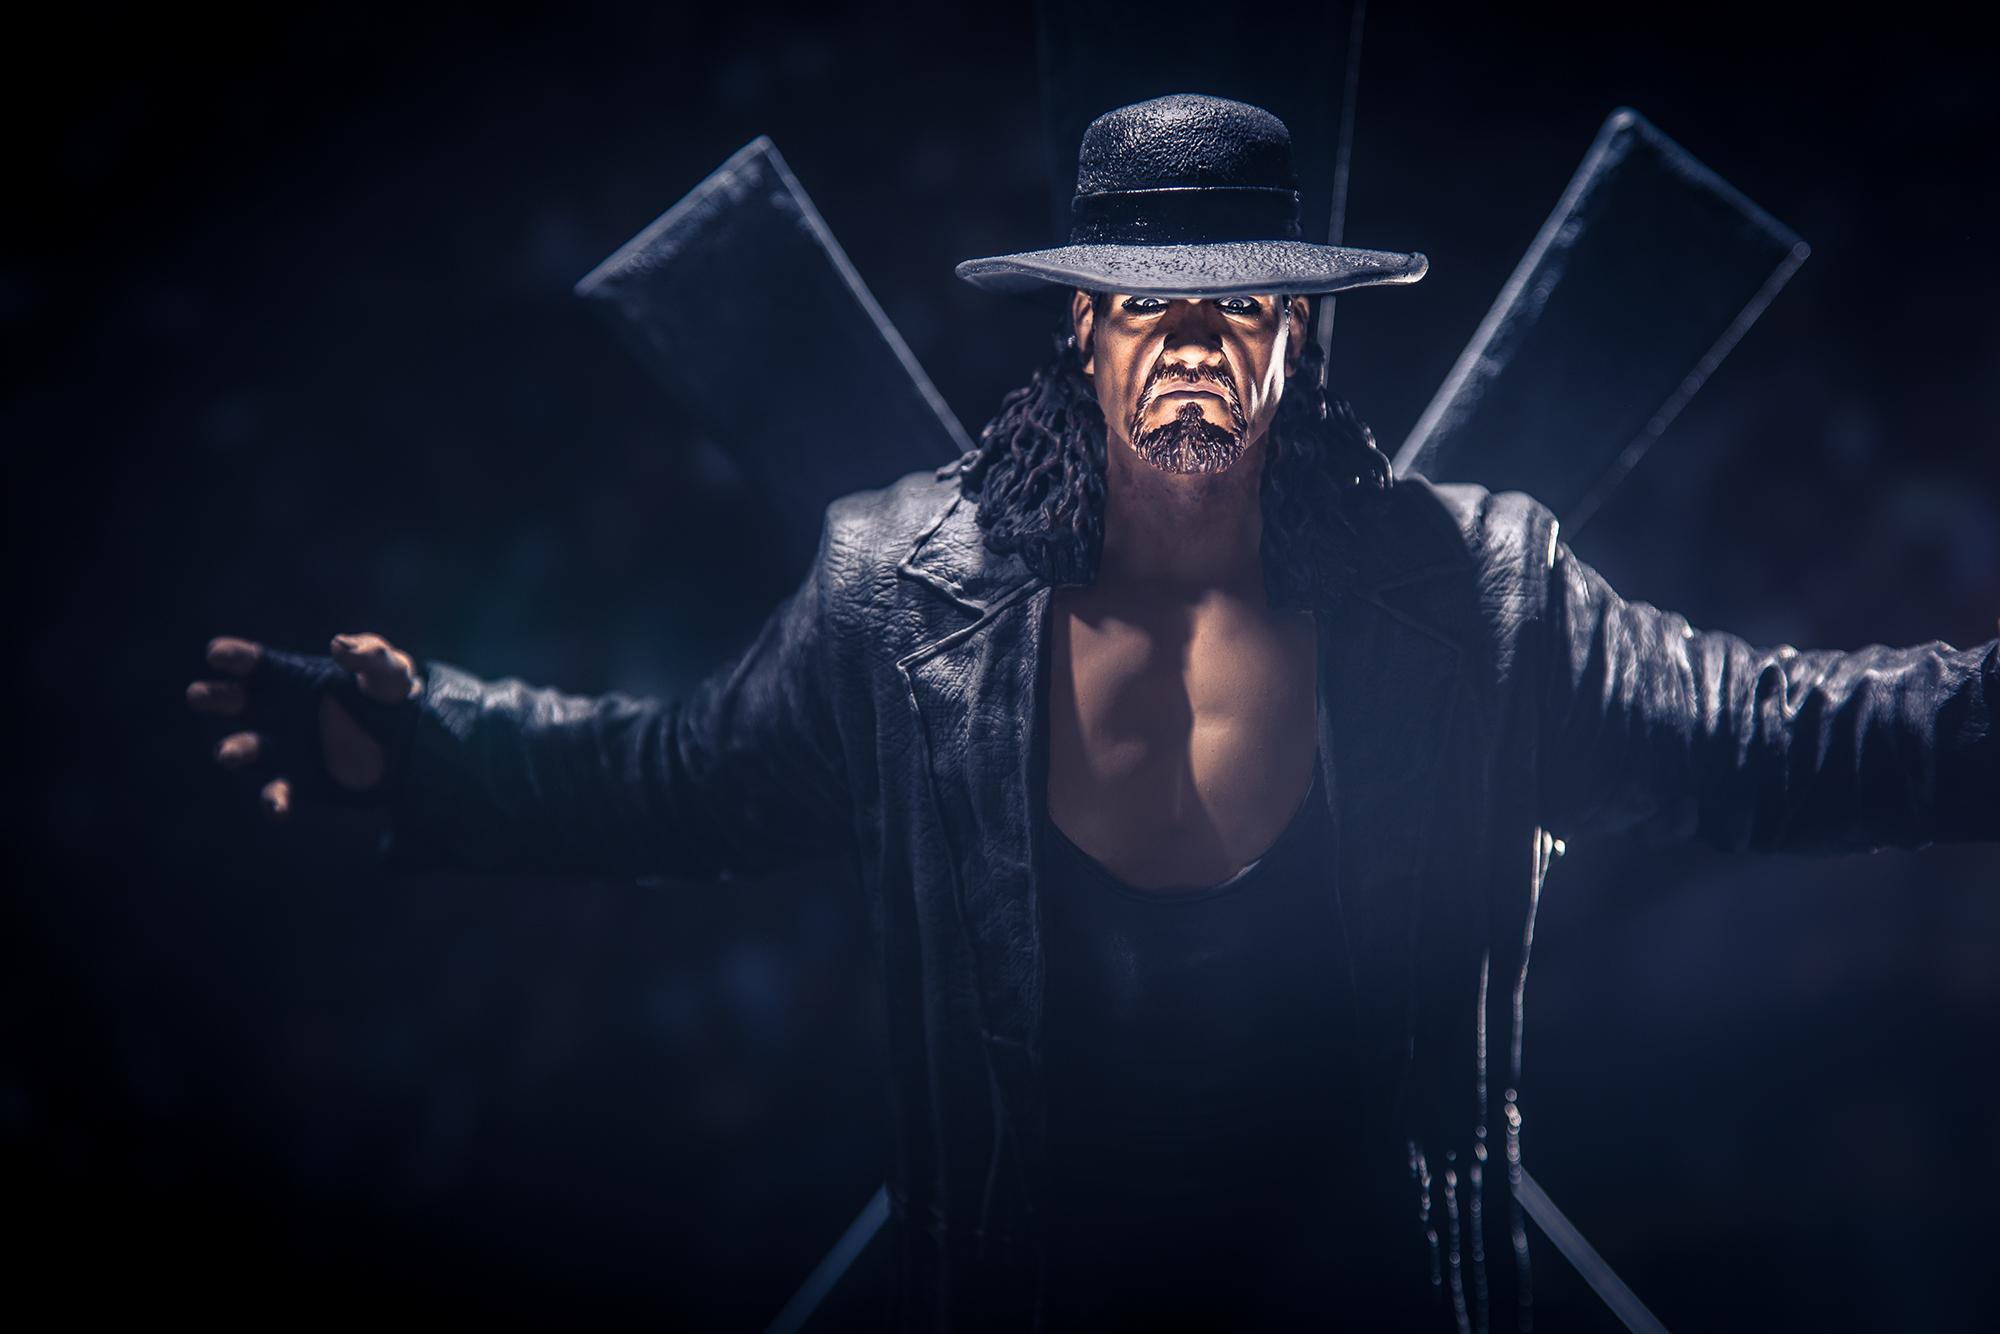 undertaker_stylized_photo_01